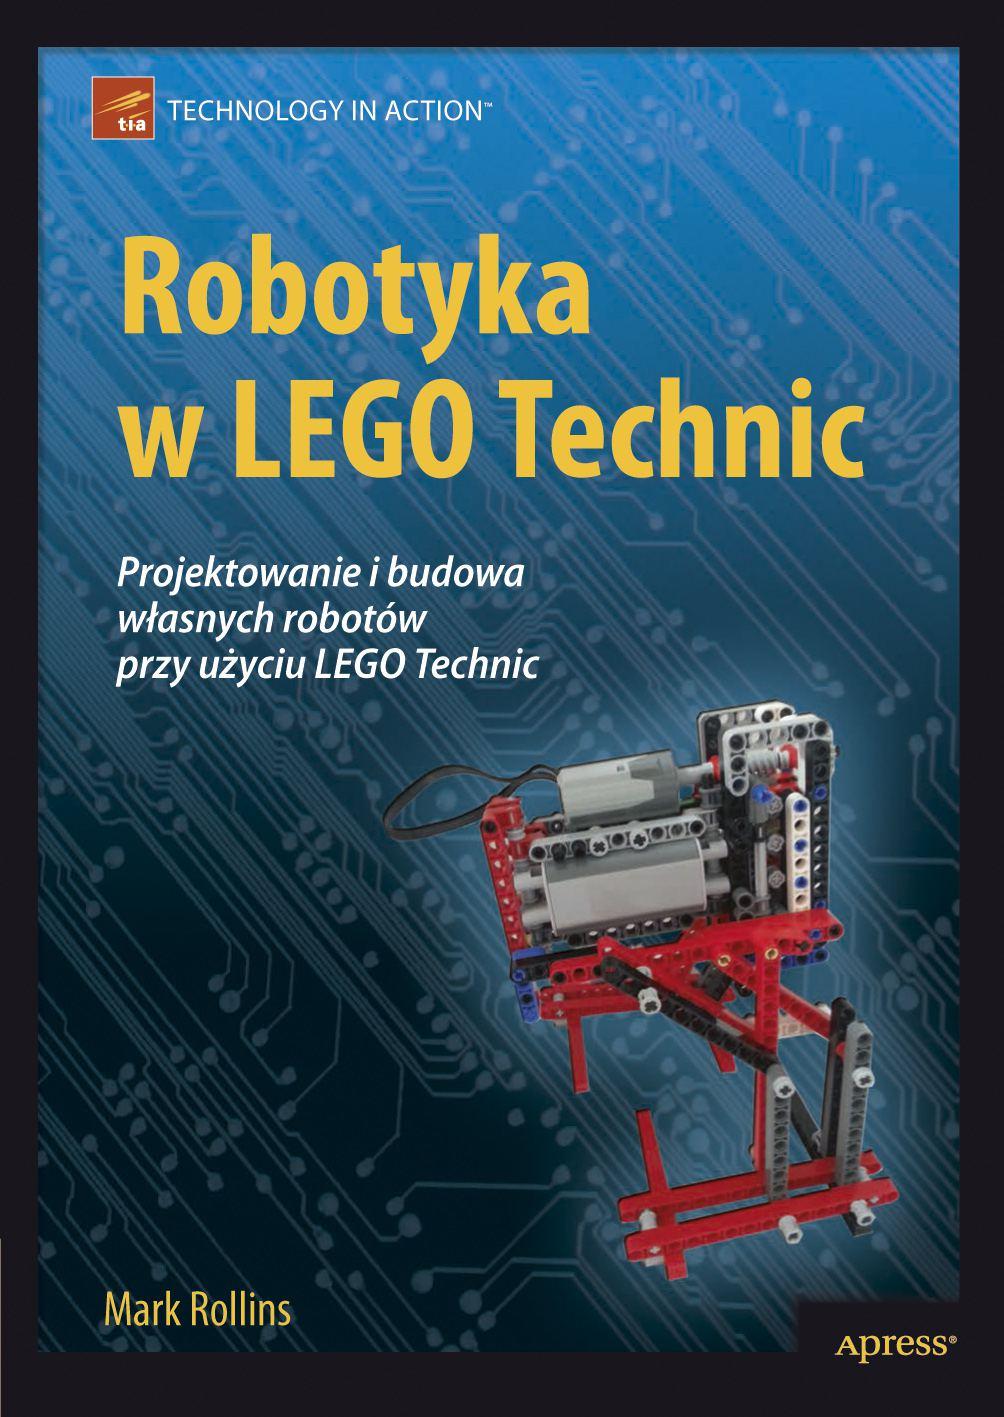 Robotyka w LEGO Technic. Projektowanie i budowa własnych robotów - Ebook (Książka PDF) do pobrania w formacie PDF